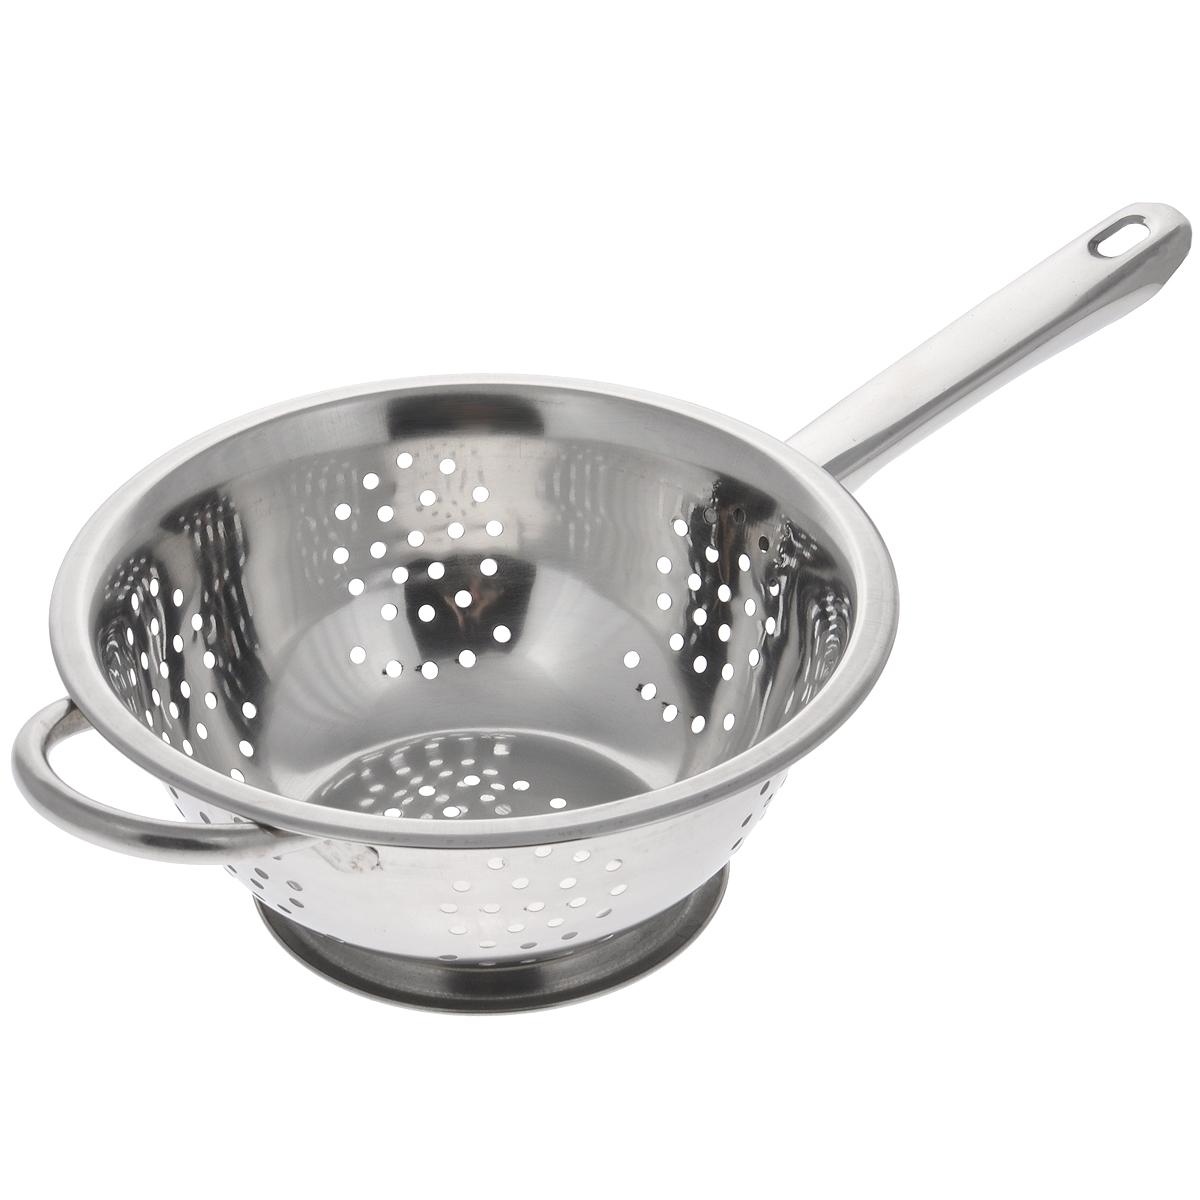 Дуршлаг Padia, диаметр 20 см. 5100-19115510Дуршлаг Padia, изготовленный из высококачественной нержавеющей стали, станет полезным приобретением для вашей кухни. Он идеально подходит для процеживания, ополаскивания и стекания макарон, овощей, фруктов. Дуршлаг оснащен устойчивым основанием, длинной и короткой ручками.Диаметр дуршлага (без учета ручек): 20 см.Внутренний диаметр: 18 см.Длина дуршлага (с учетом ручек): 35 см.Высота стенки дуршлага: 7 см.